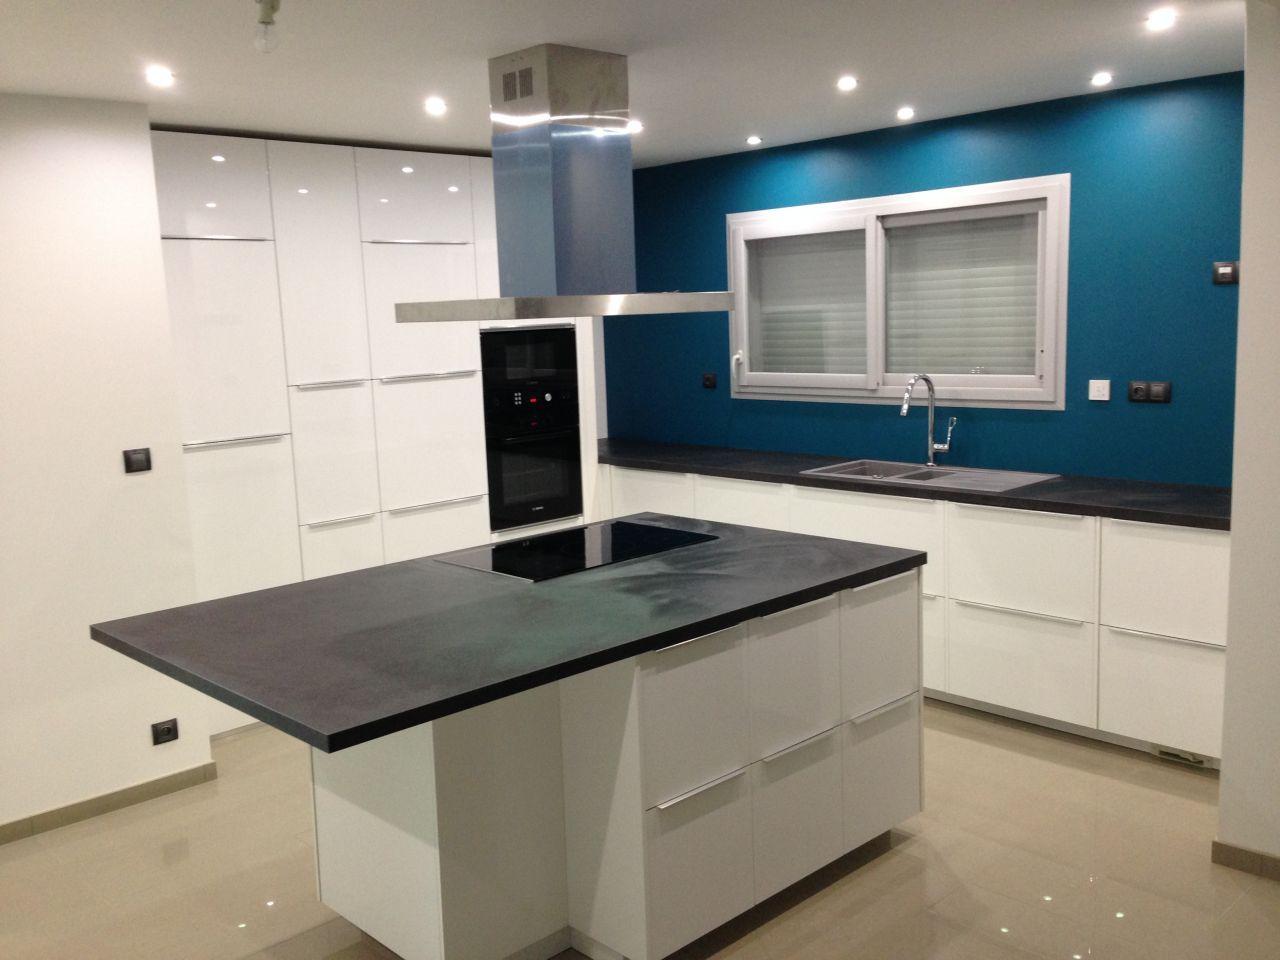 encore une au compteur cuisine d 39 un collegue de travail. Black Bedroom Furniture Sets. Home Design Ideas